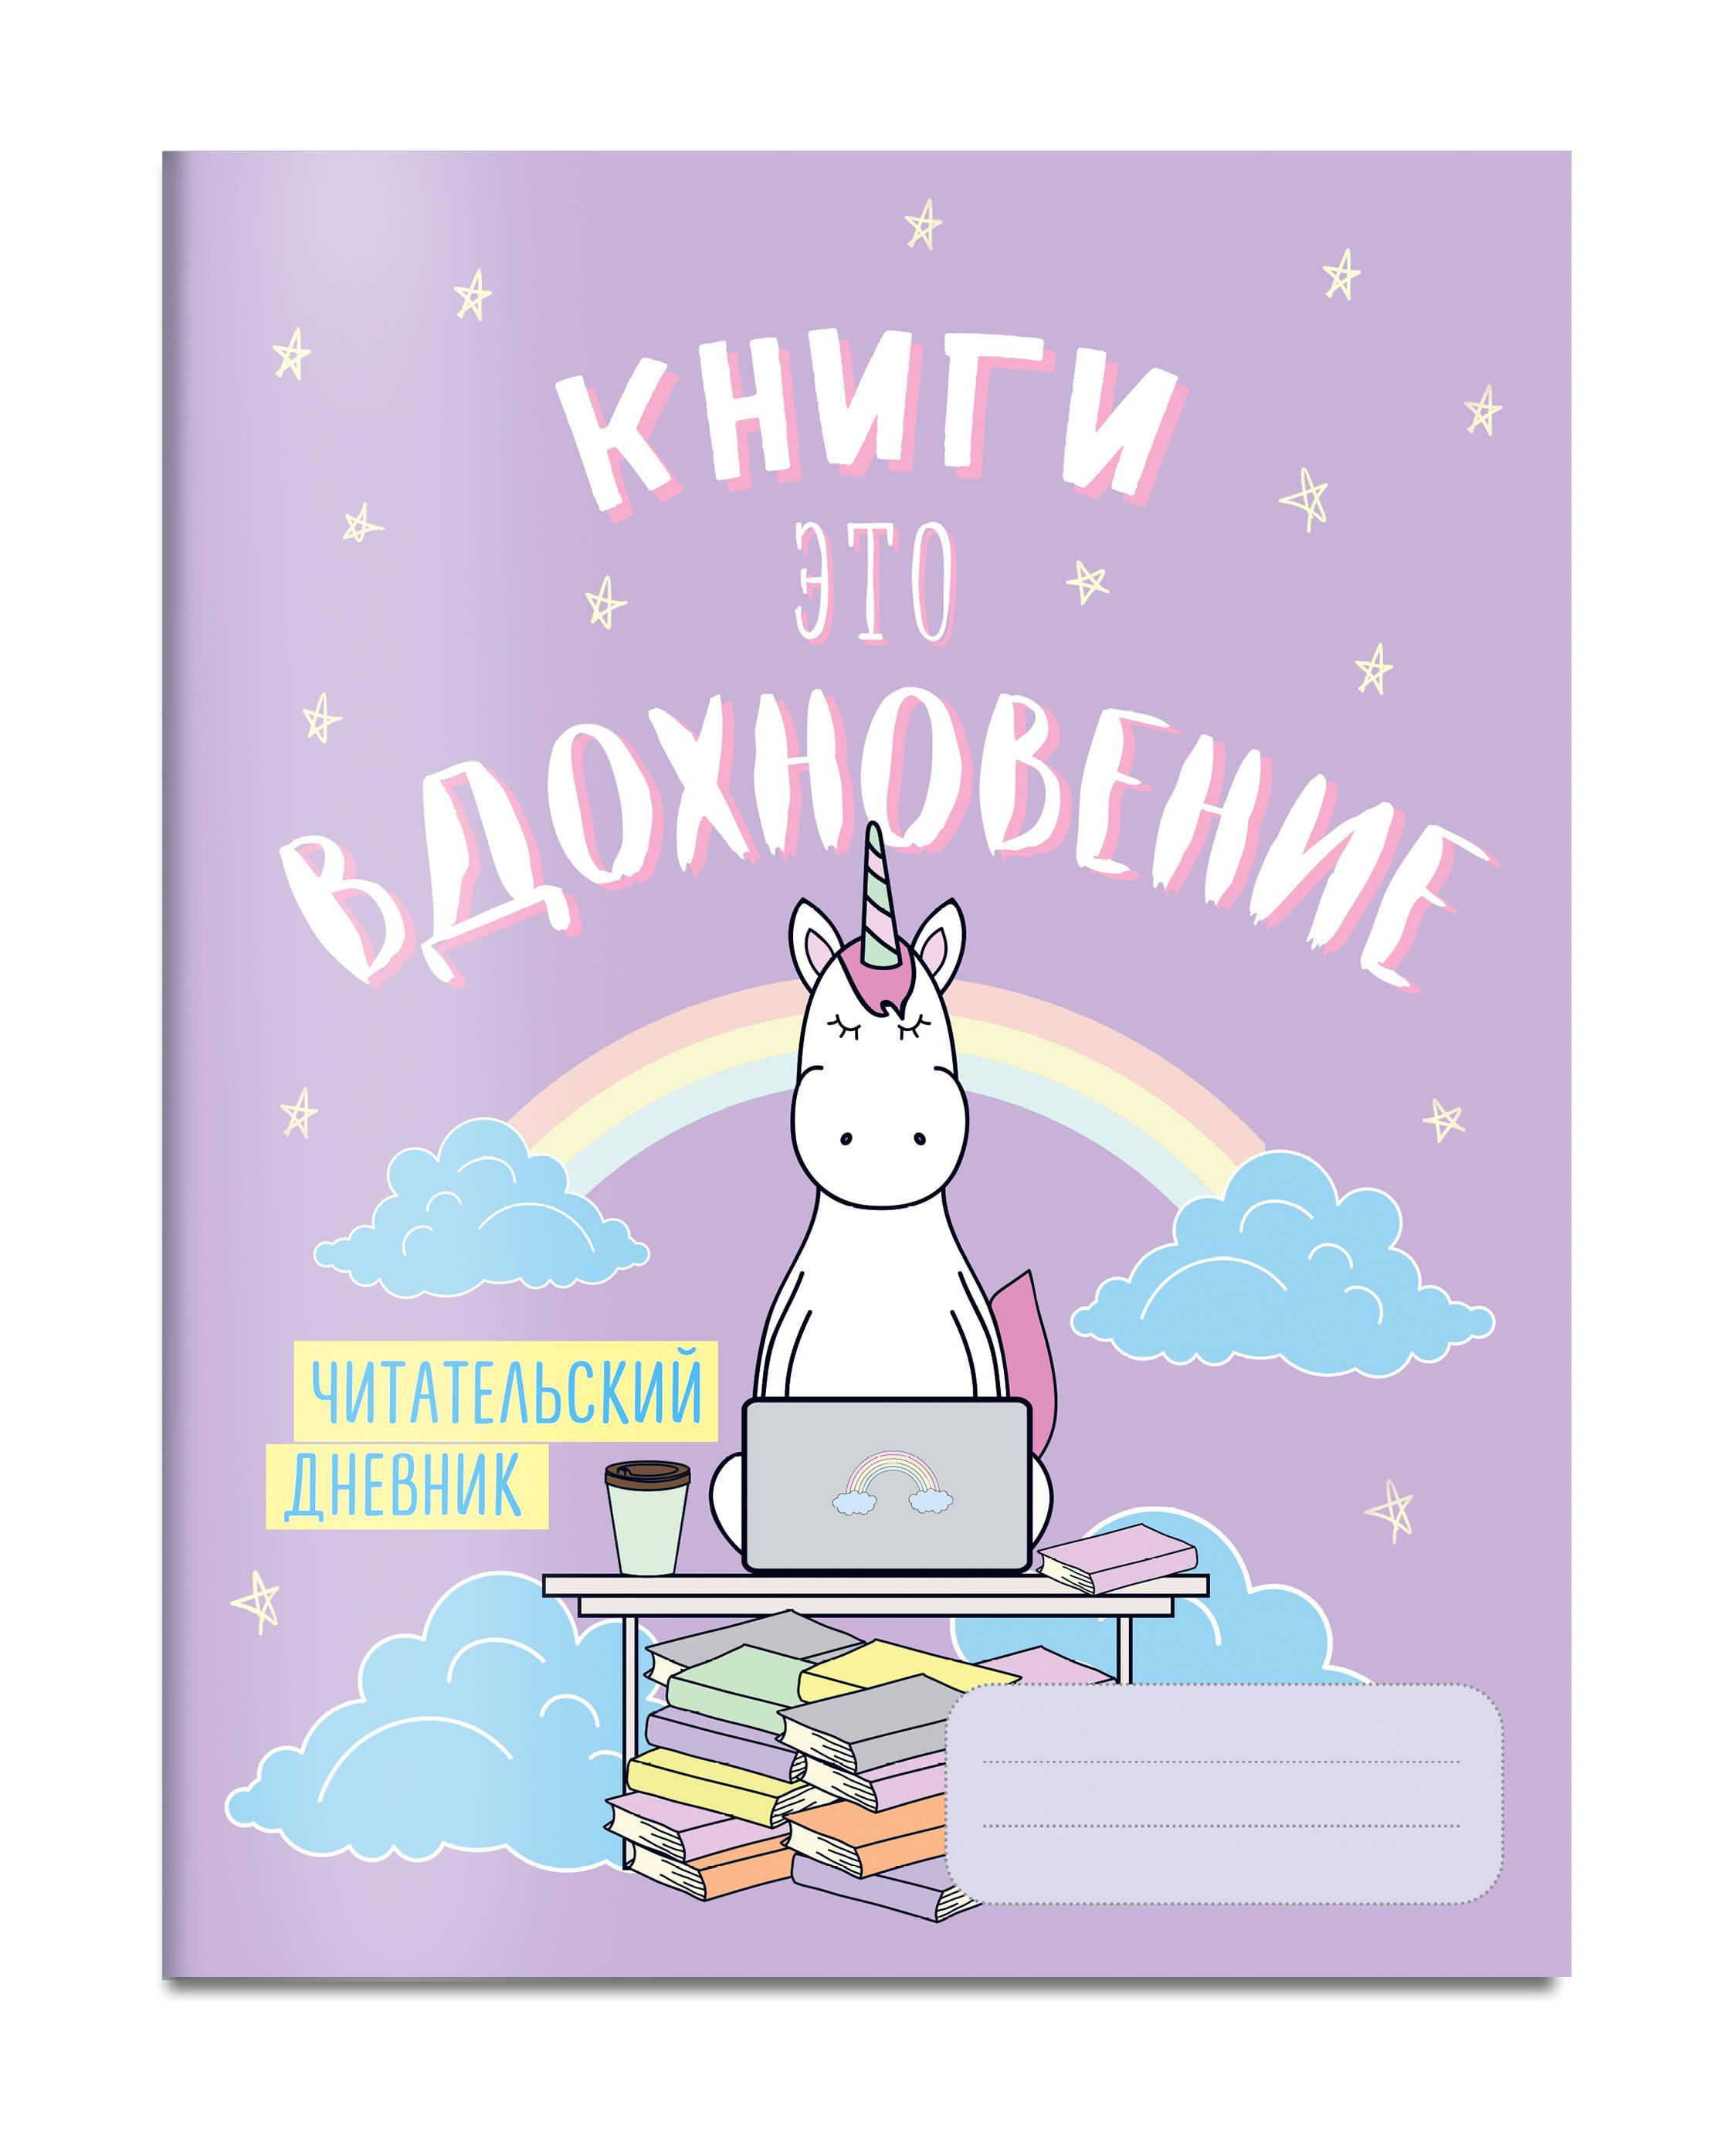 Читательский дневник. Единороги. Книги - это вдохновение